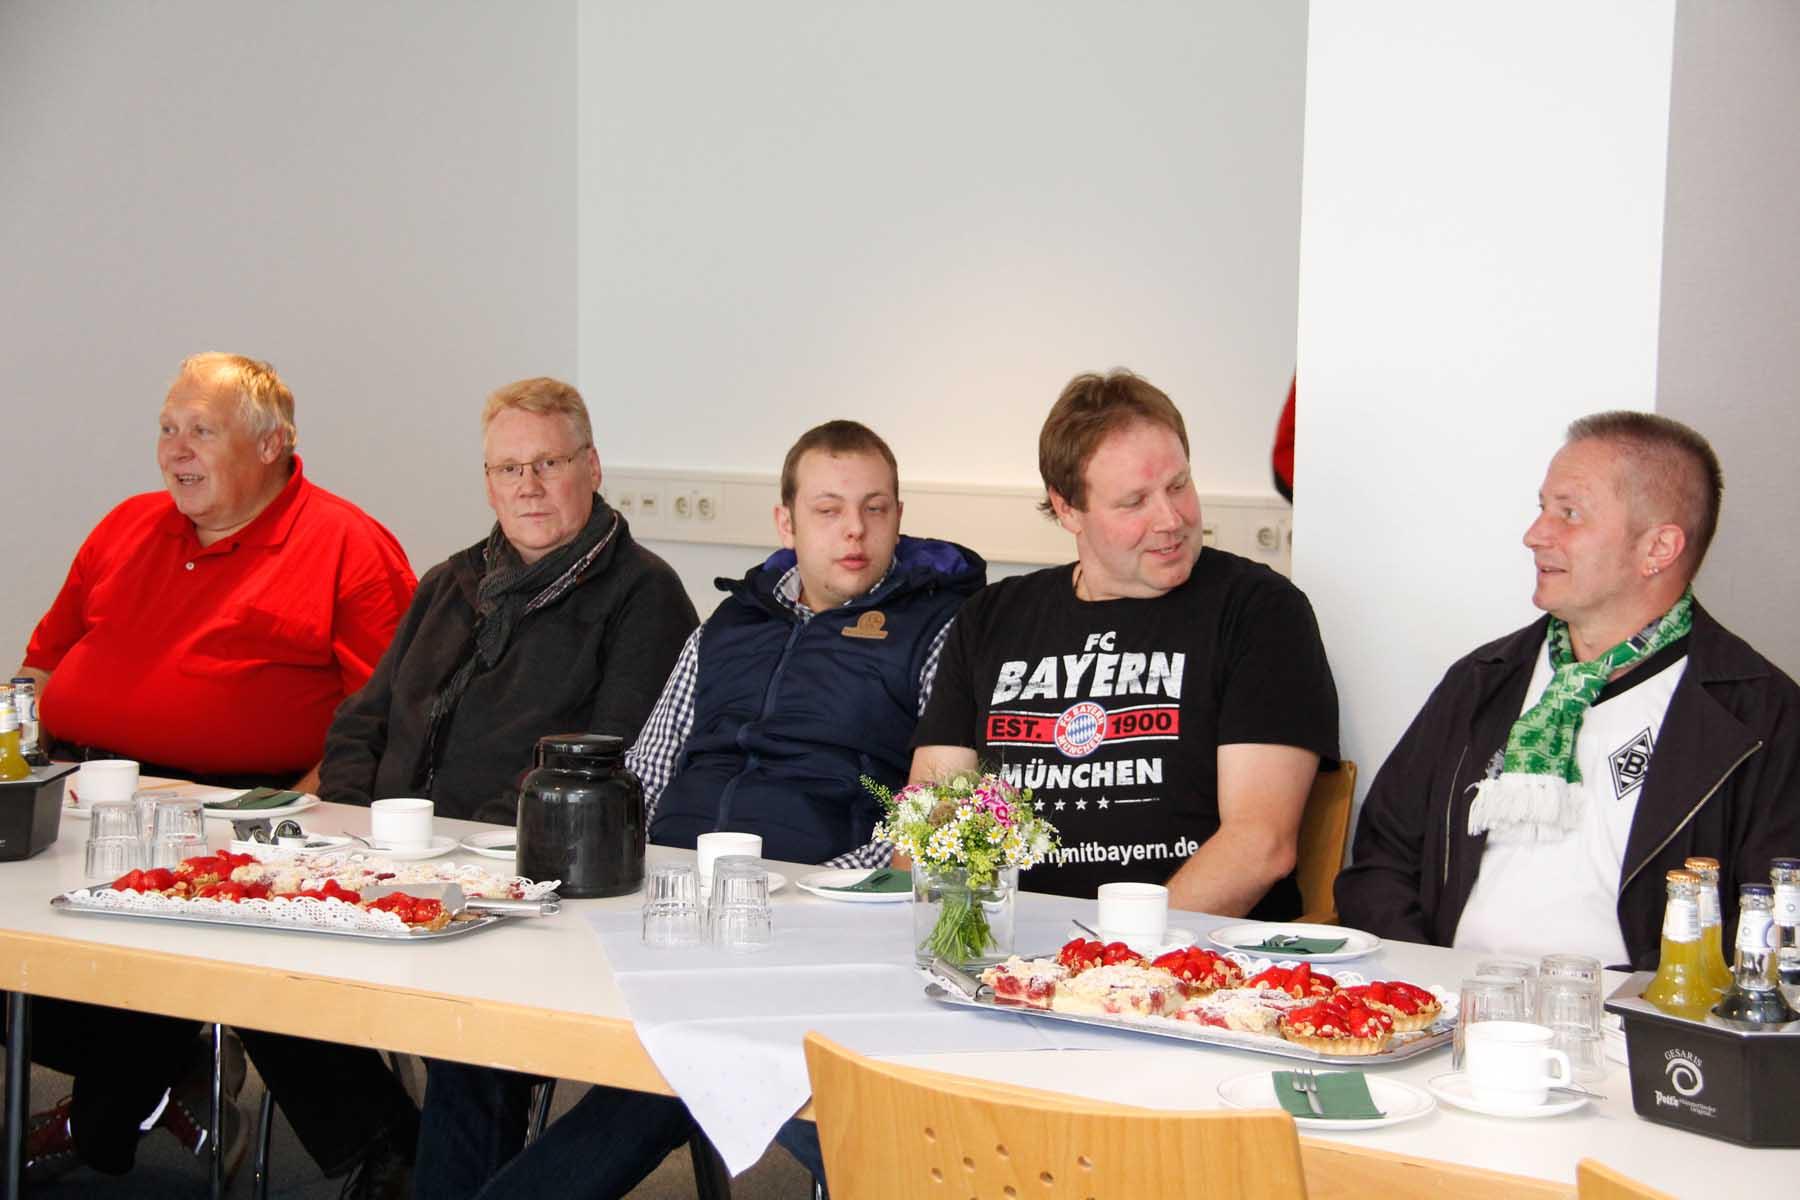 feiern-bayern_MHT-013